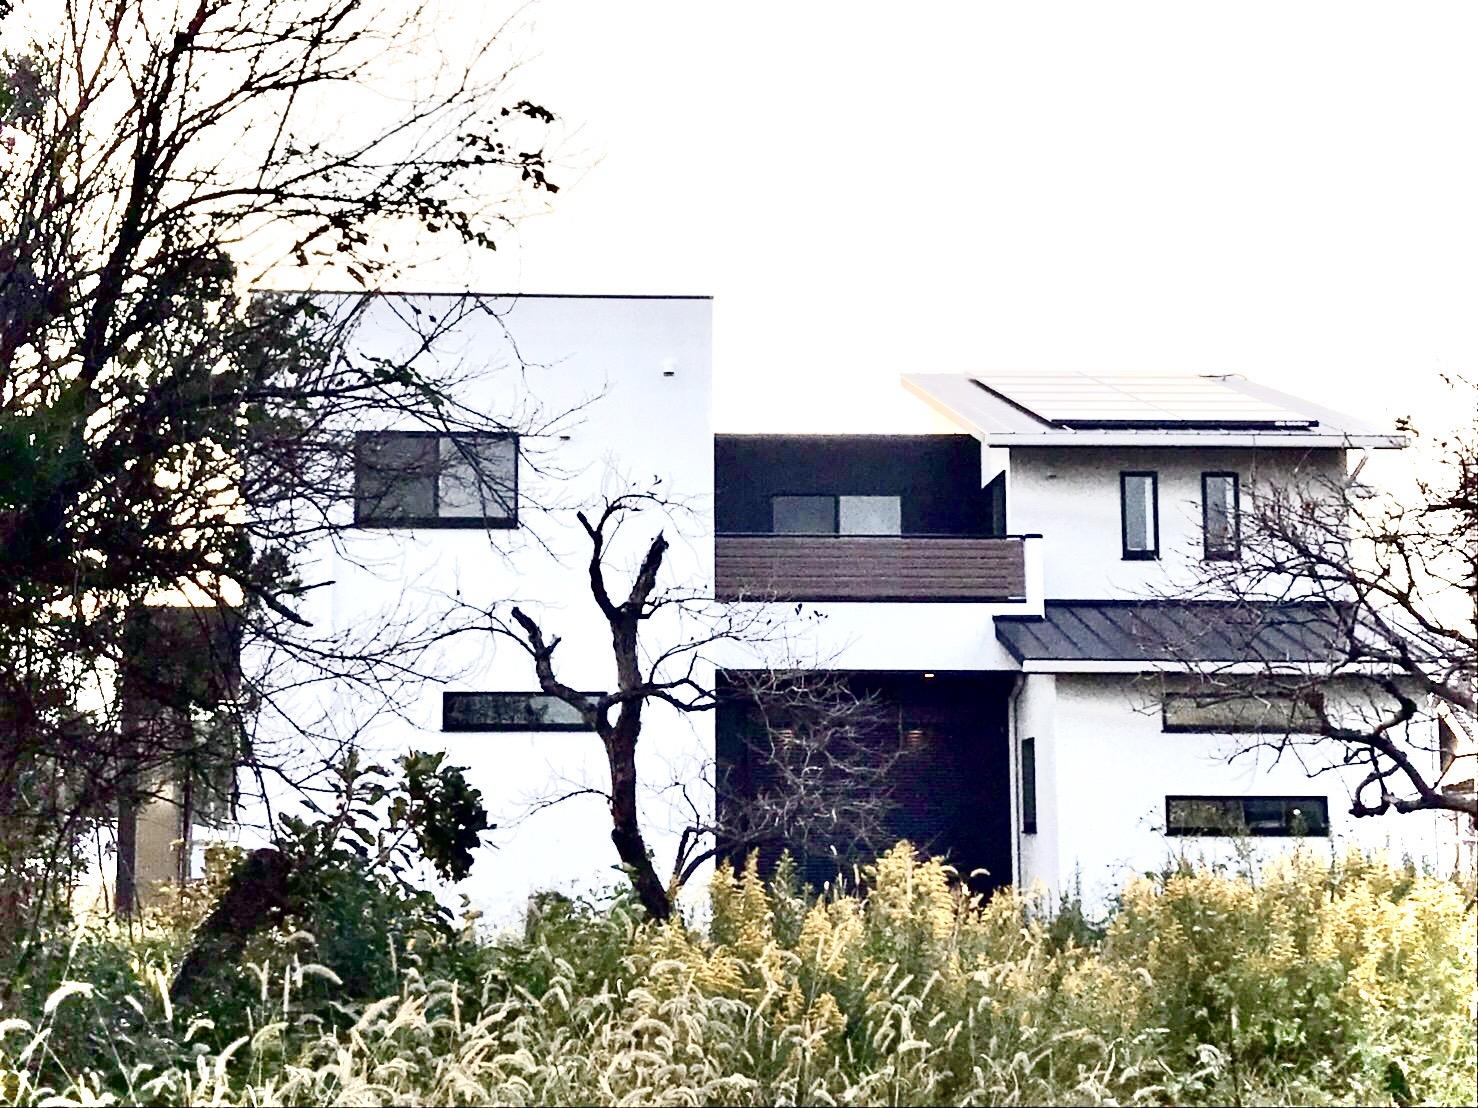 おしゃれな注文住宅の外観、シンプルながらリズミカルで個性的なフォルム